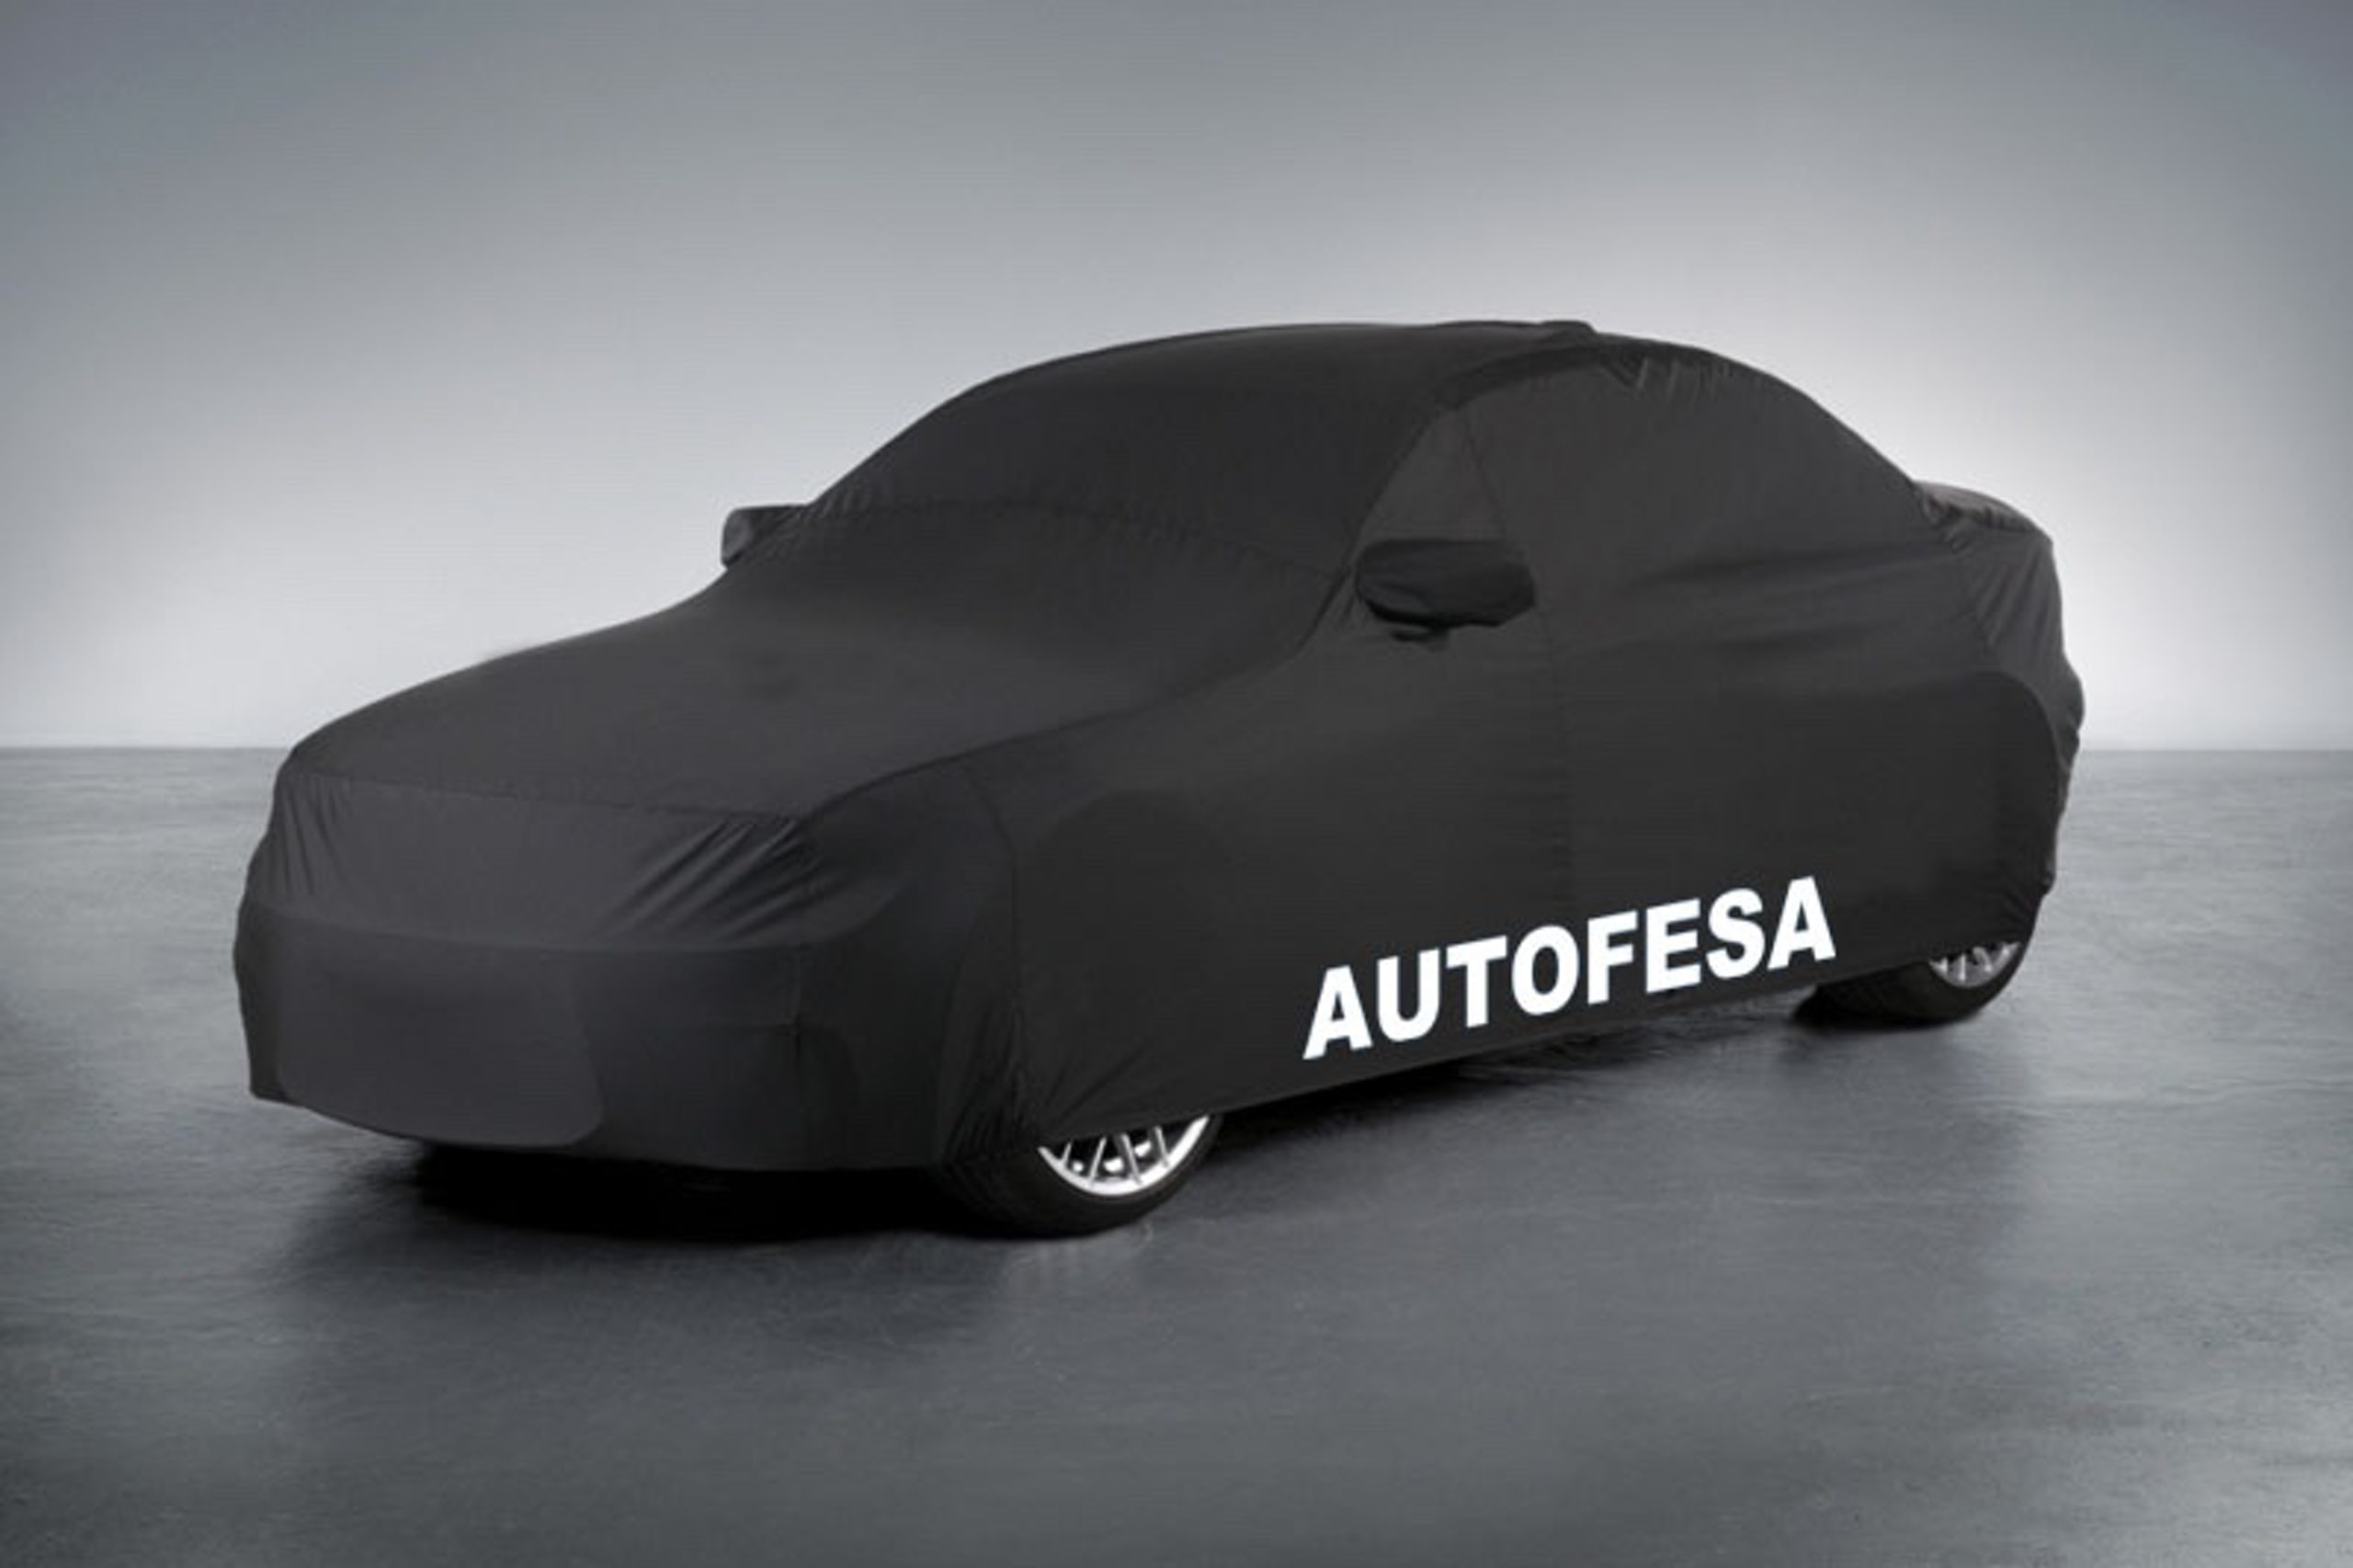 Mercedes-benz GLA 250 2.0 DCT 211cv AMG 4MATIC 7G Auto - Foto 24